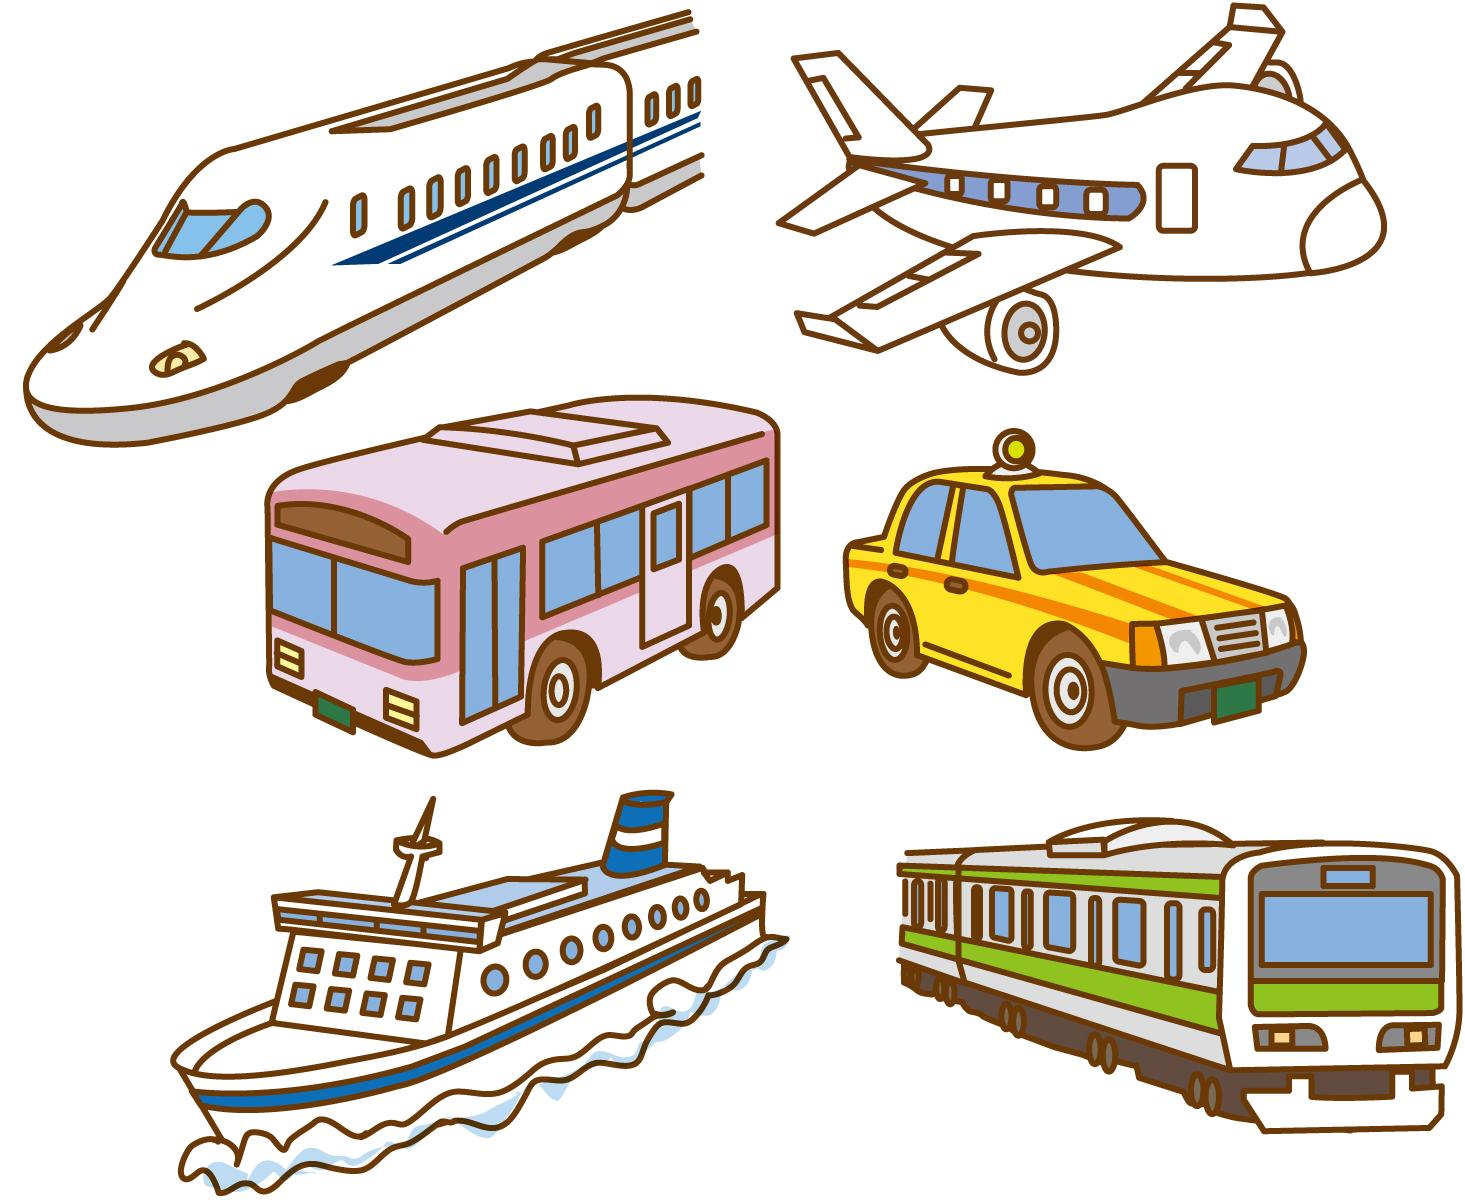 中国の交通機関は遅延しても理由を知らせてくれないのはなぜ?